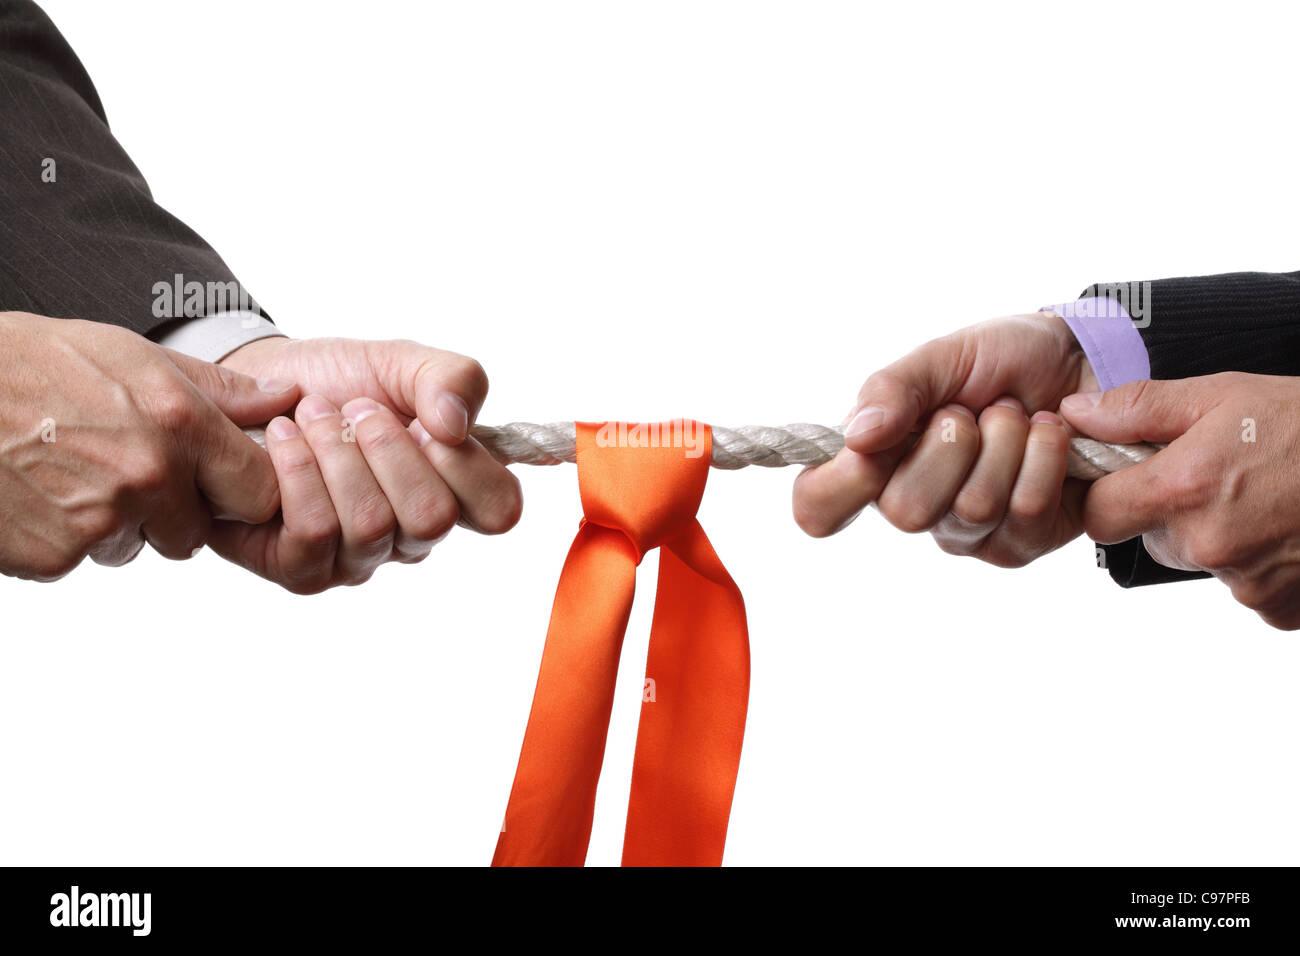 Competencia empresarial Imagen De Stock